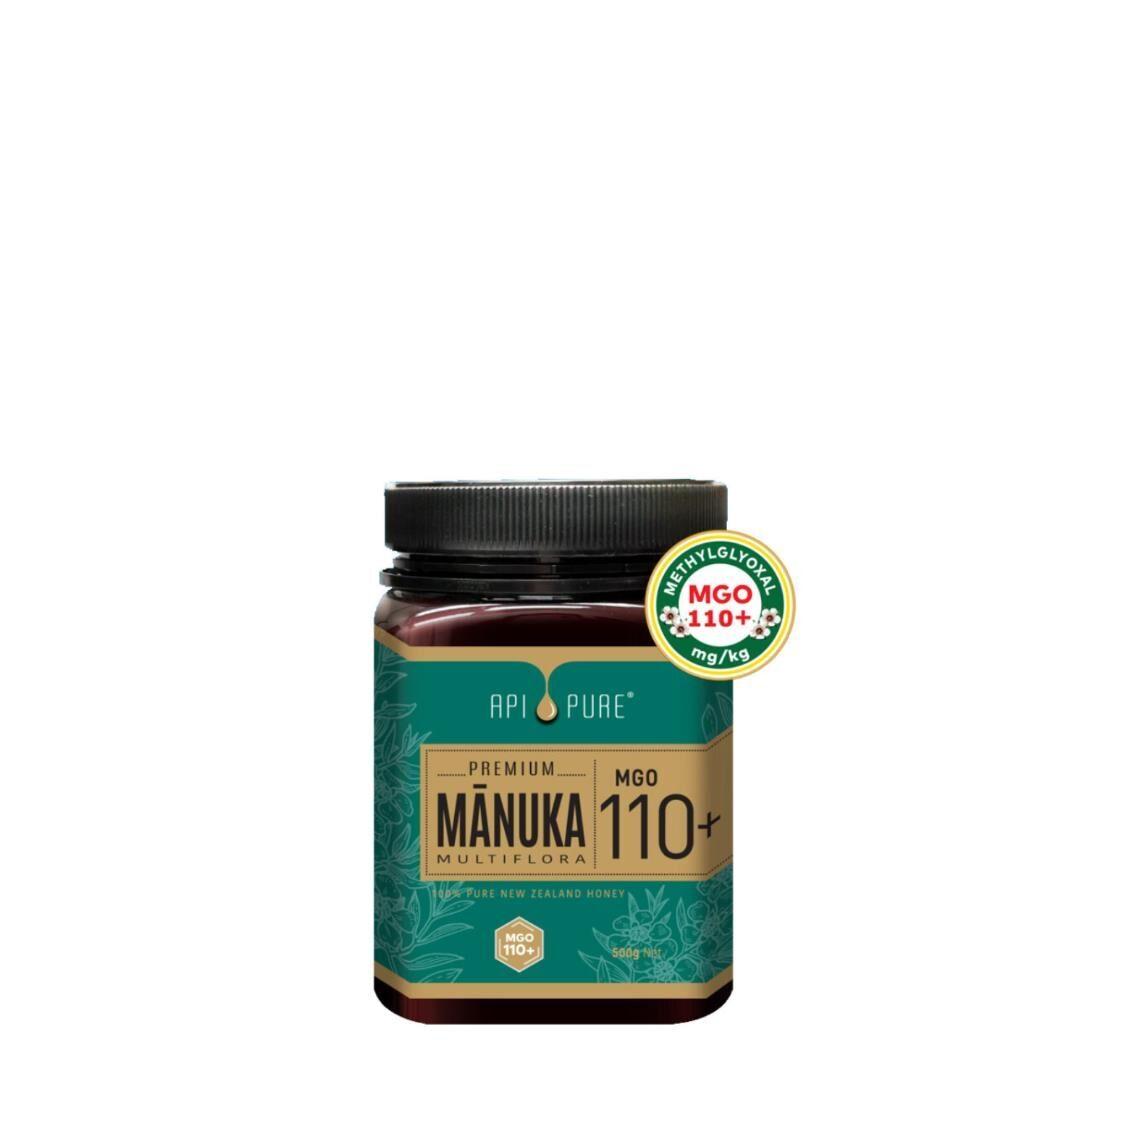 Apipure Premium Manuka MGO 110 500g